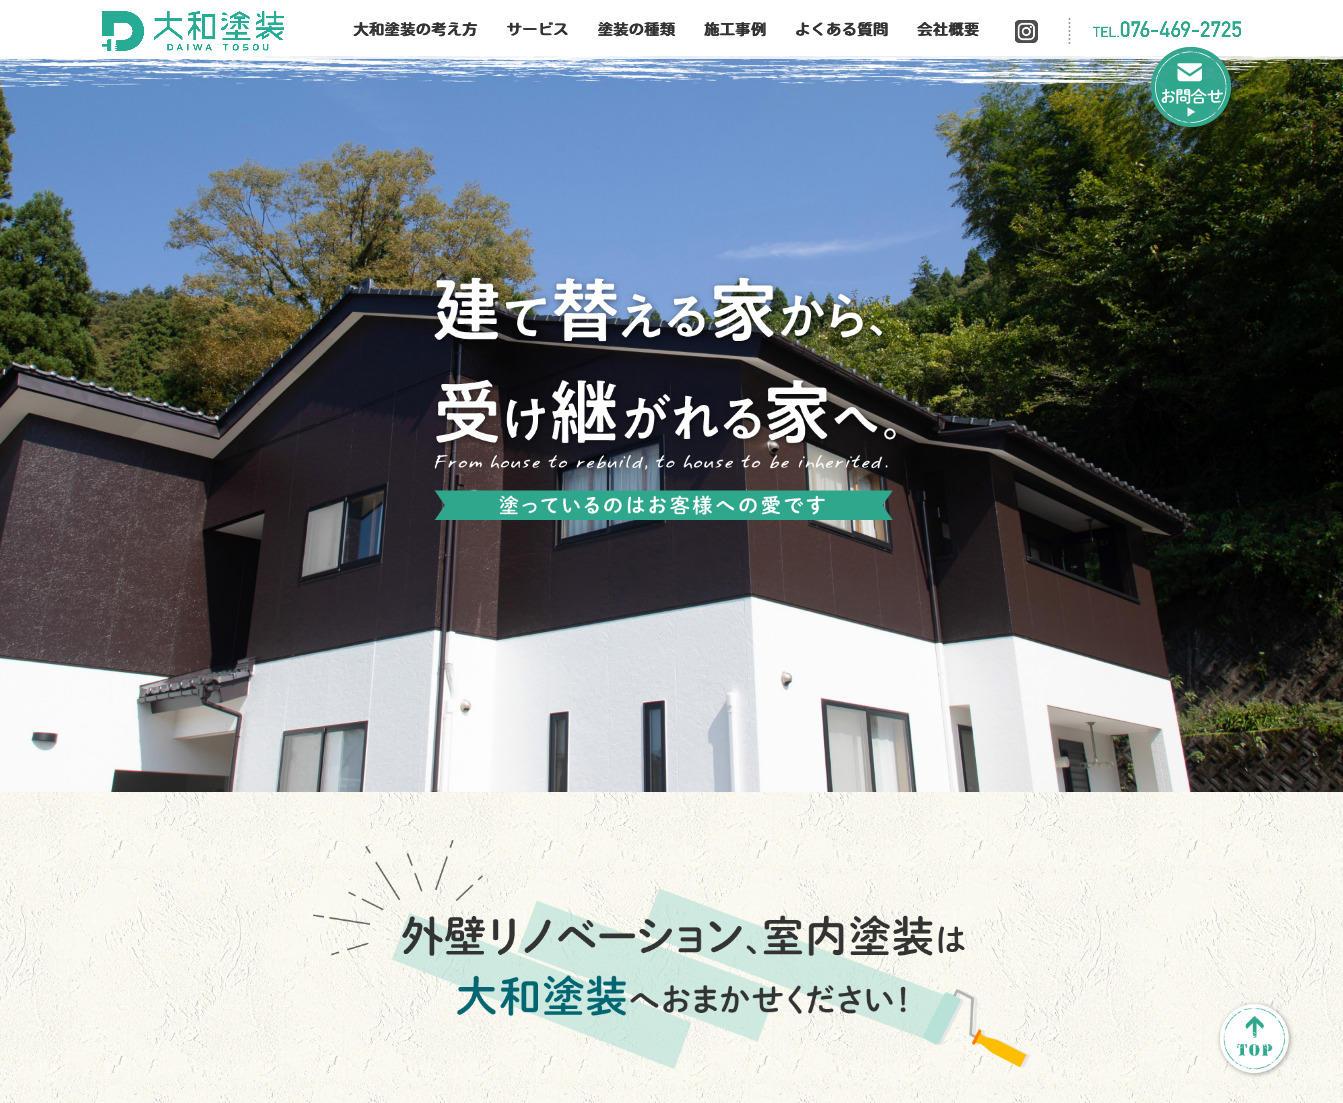 プロヴィデザイン ホームページ制作実績:大和塗装